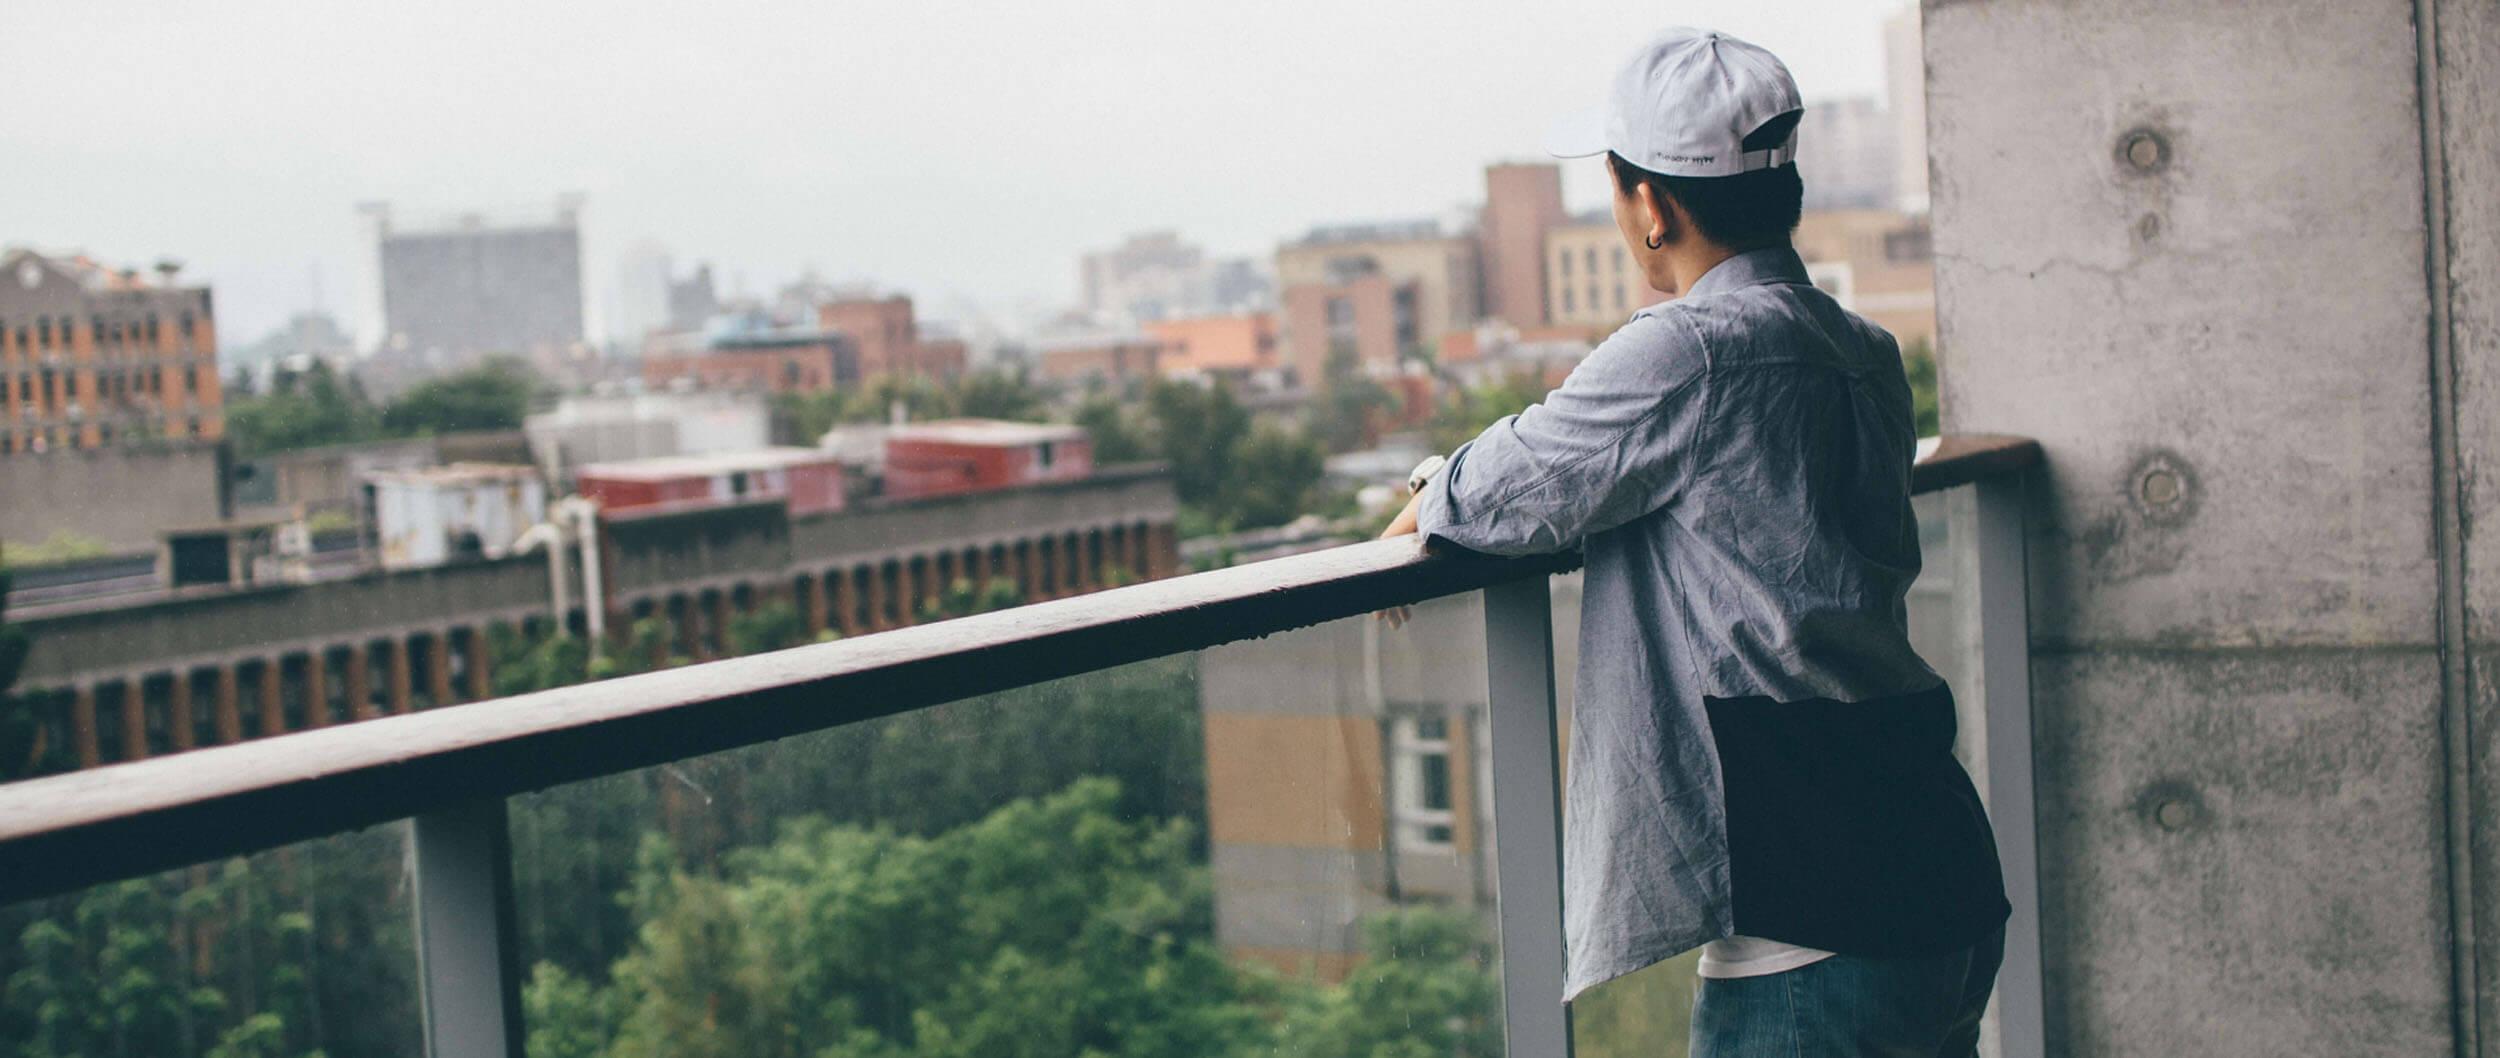 Unsplash Boy on Inner City Balcony